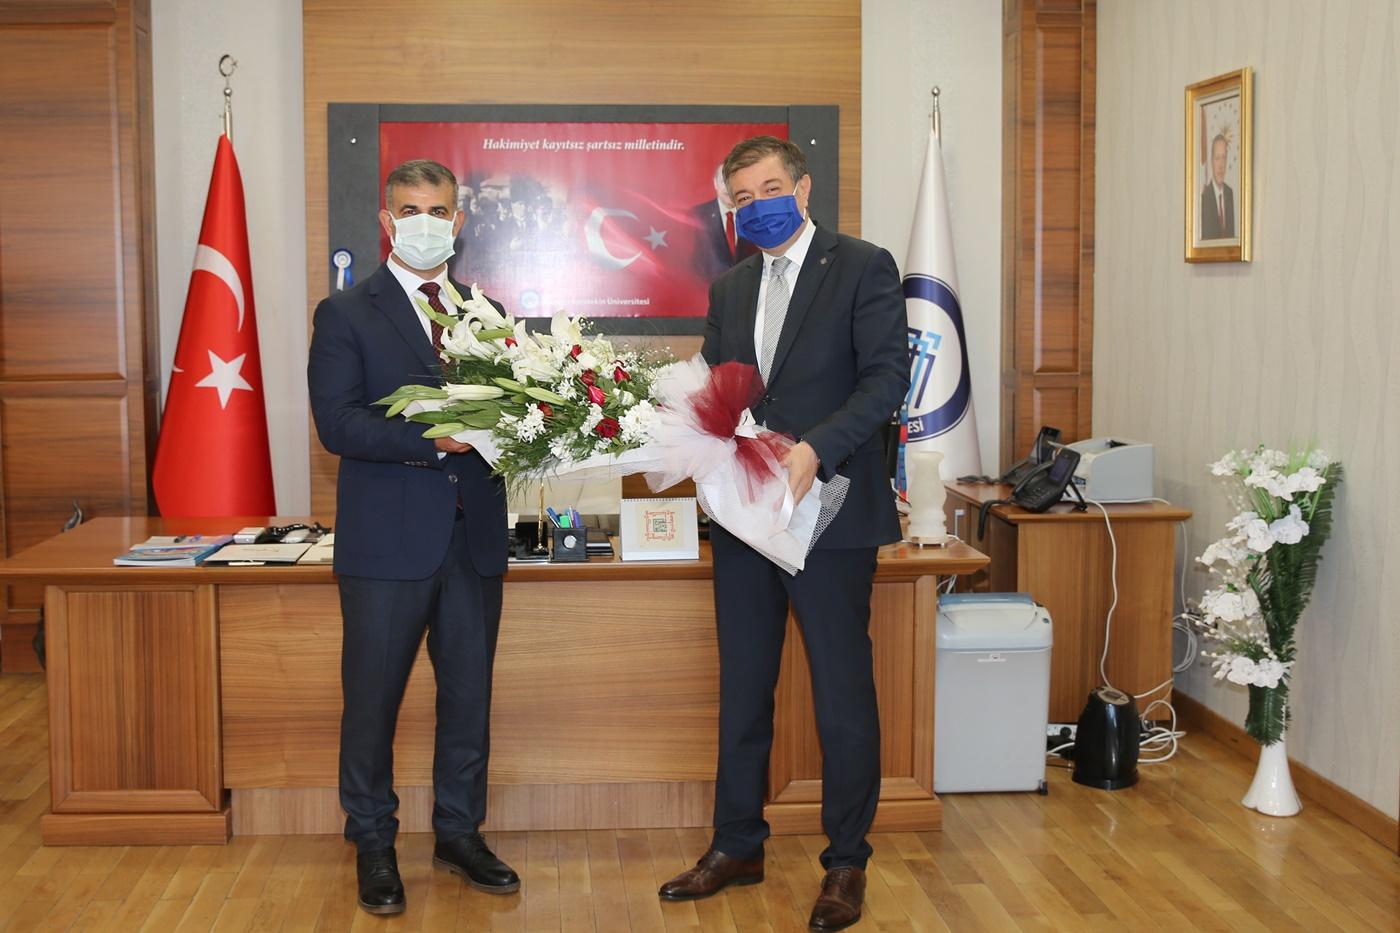 Çankırı Karatekin Üniversitesi`nde Bayrak Değişimi